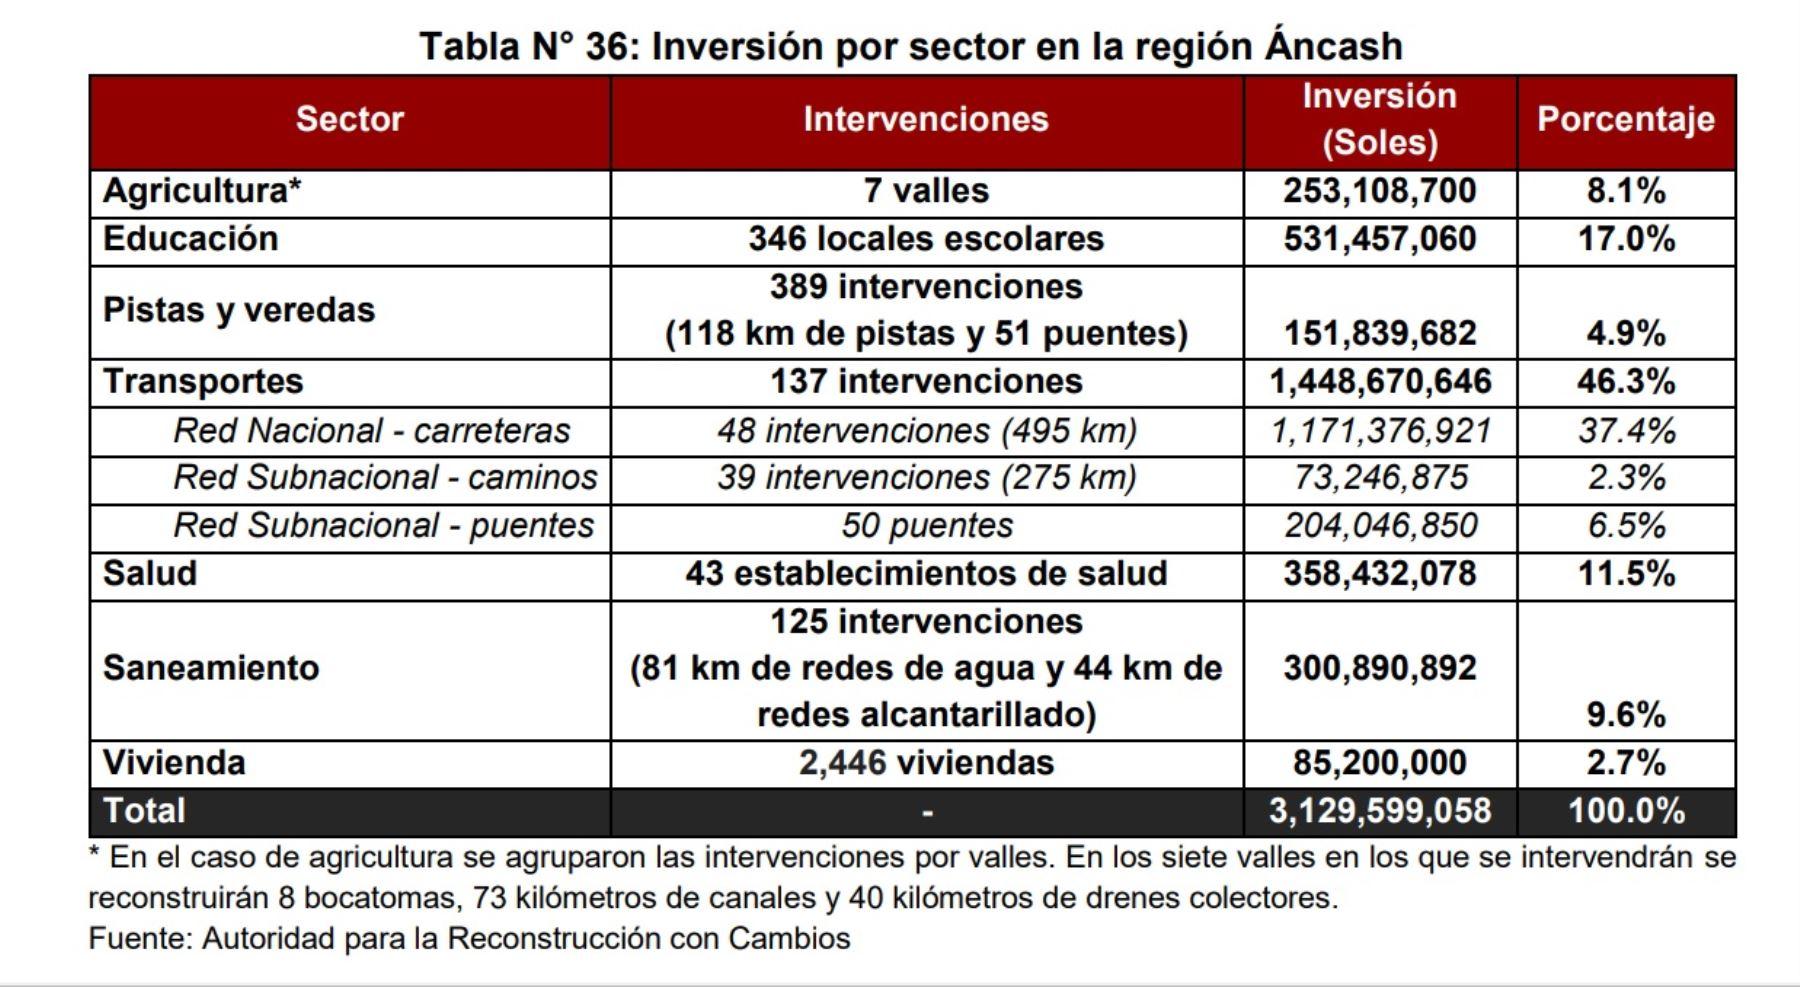 Inversión por sector en la región Áncash